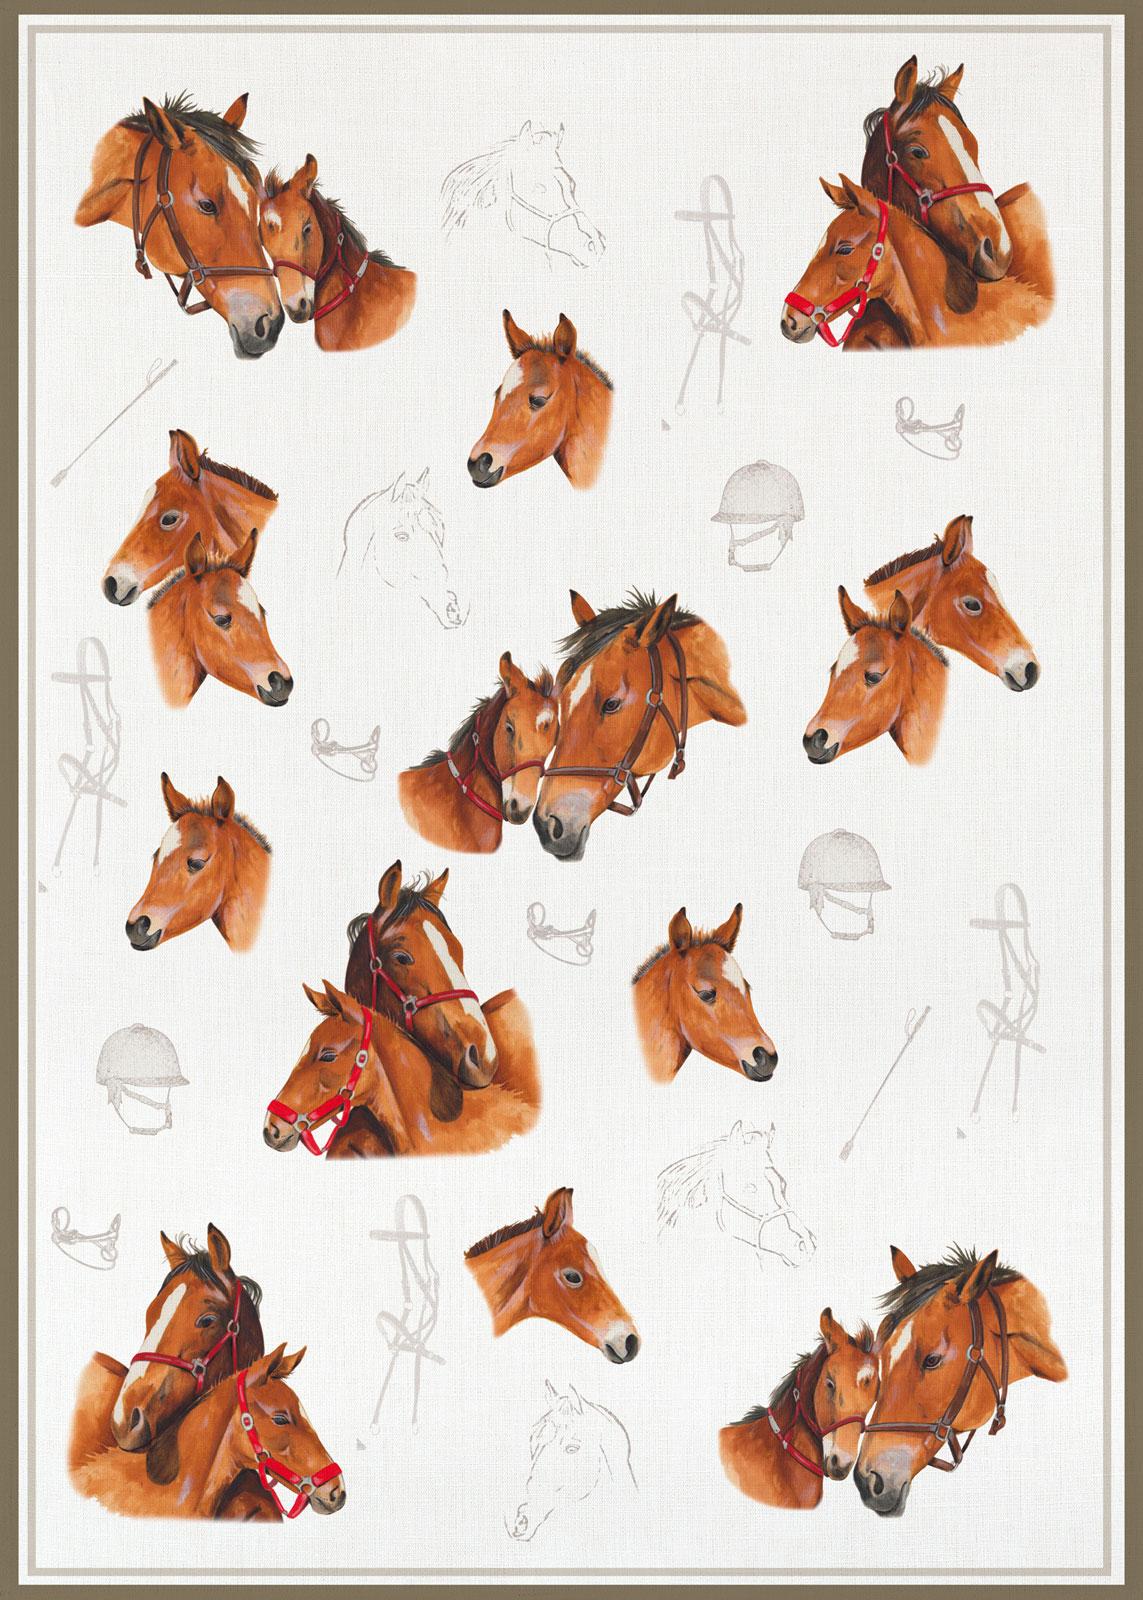 Küchentextilien - Kracht Halbleinen Geschirrtuch 50x70 Motiv 2 841 00 Pferde  - Onlineshop PremiumShop321